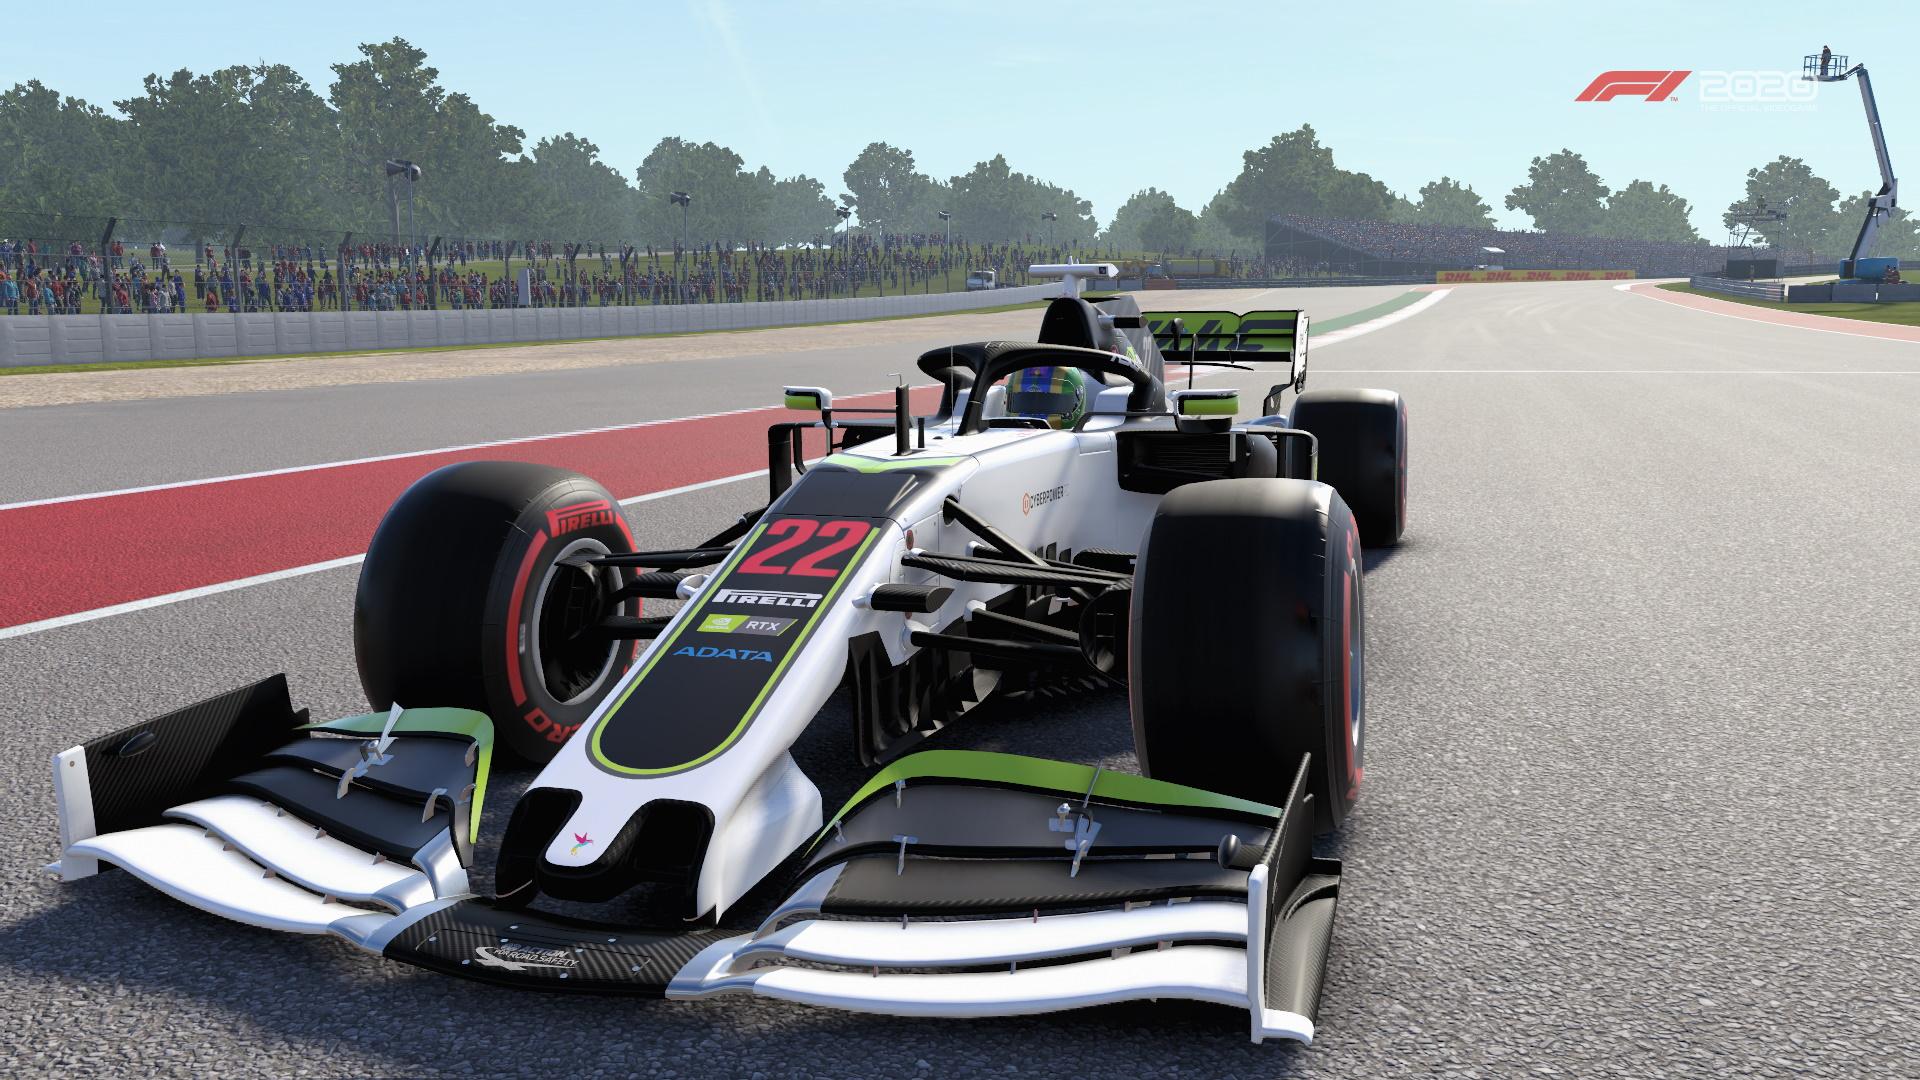 F1 2020 Screenshot 2020.09.15 - 16.58.43.64.jpg